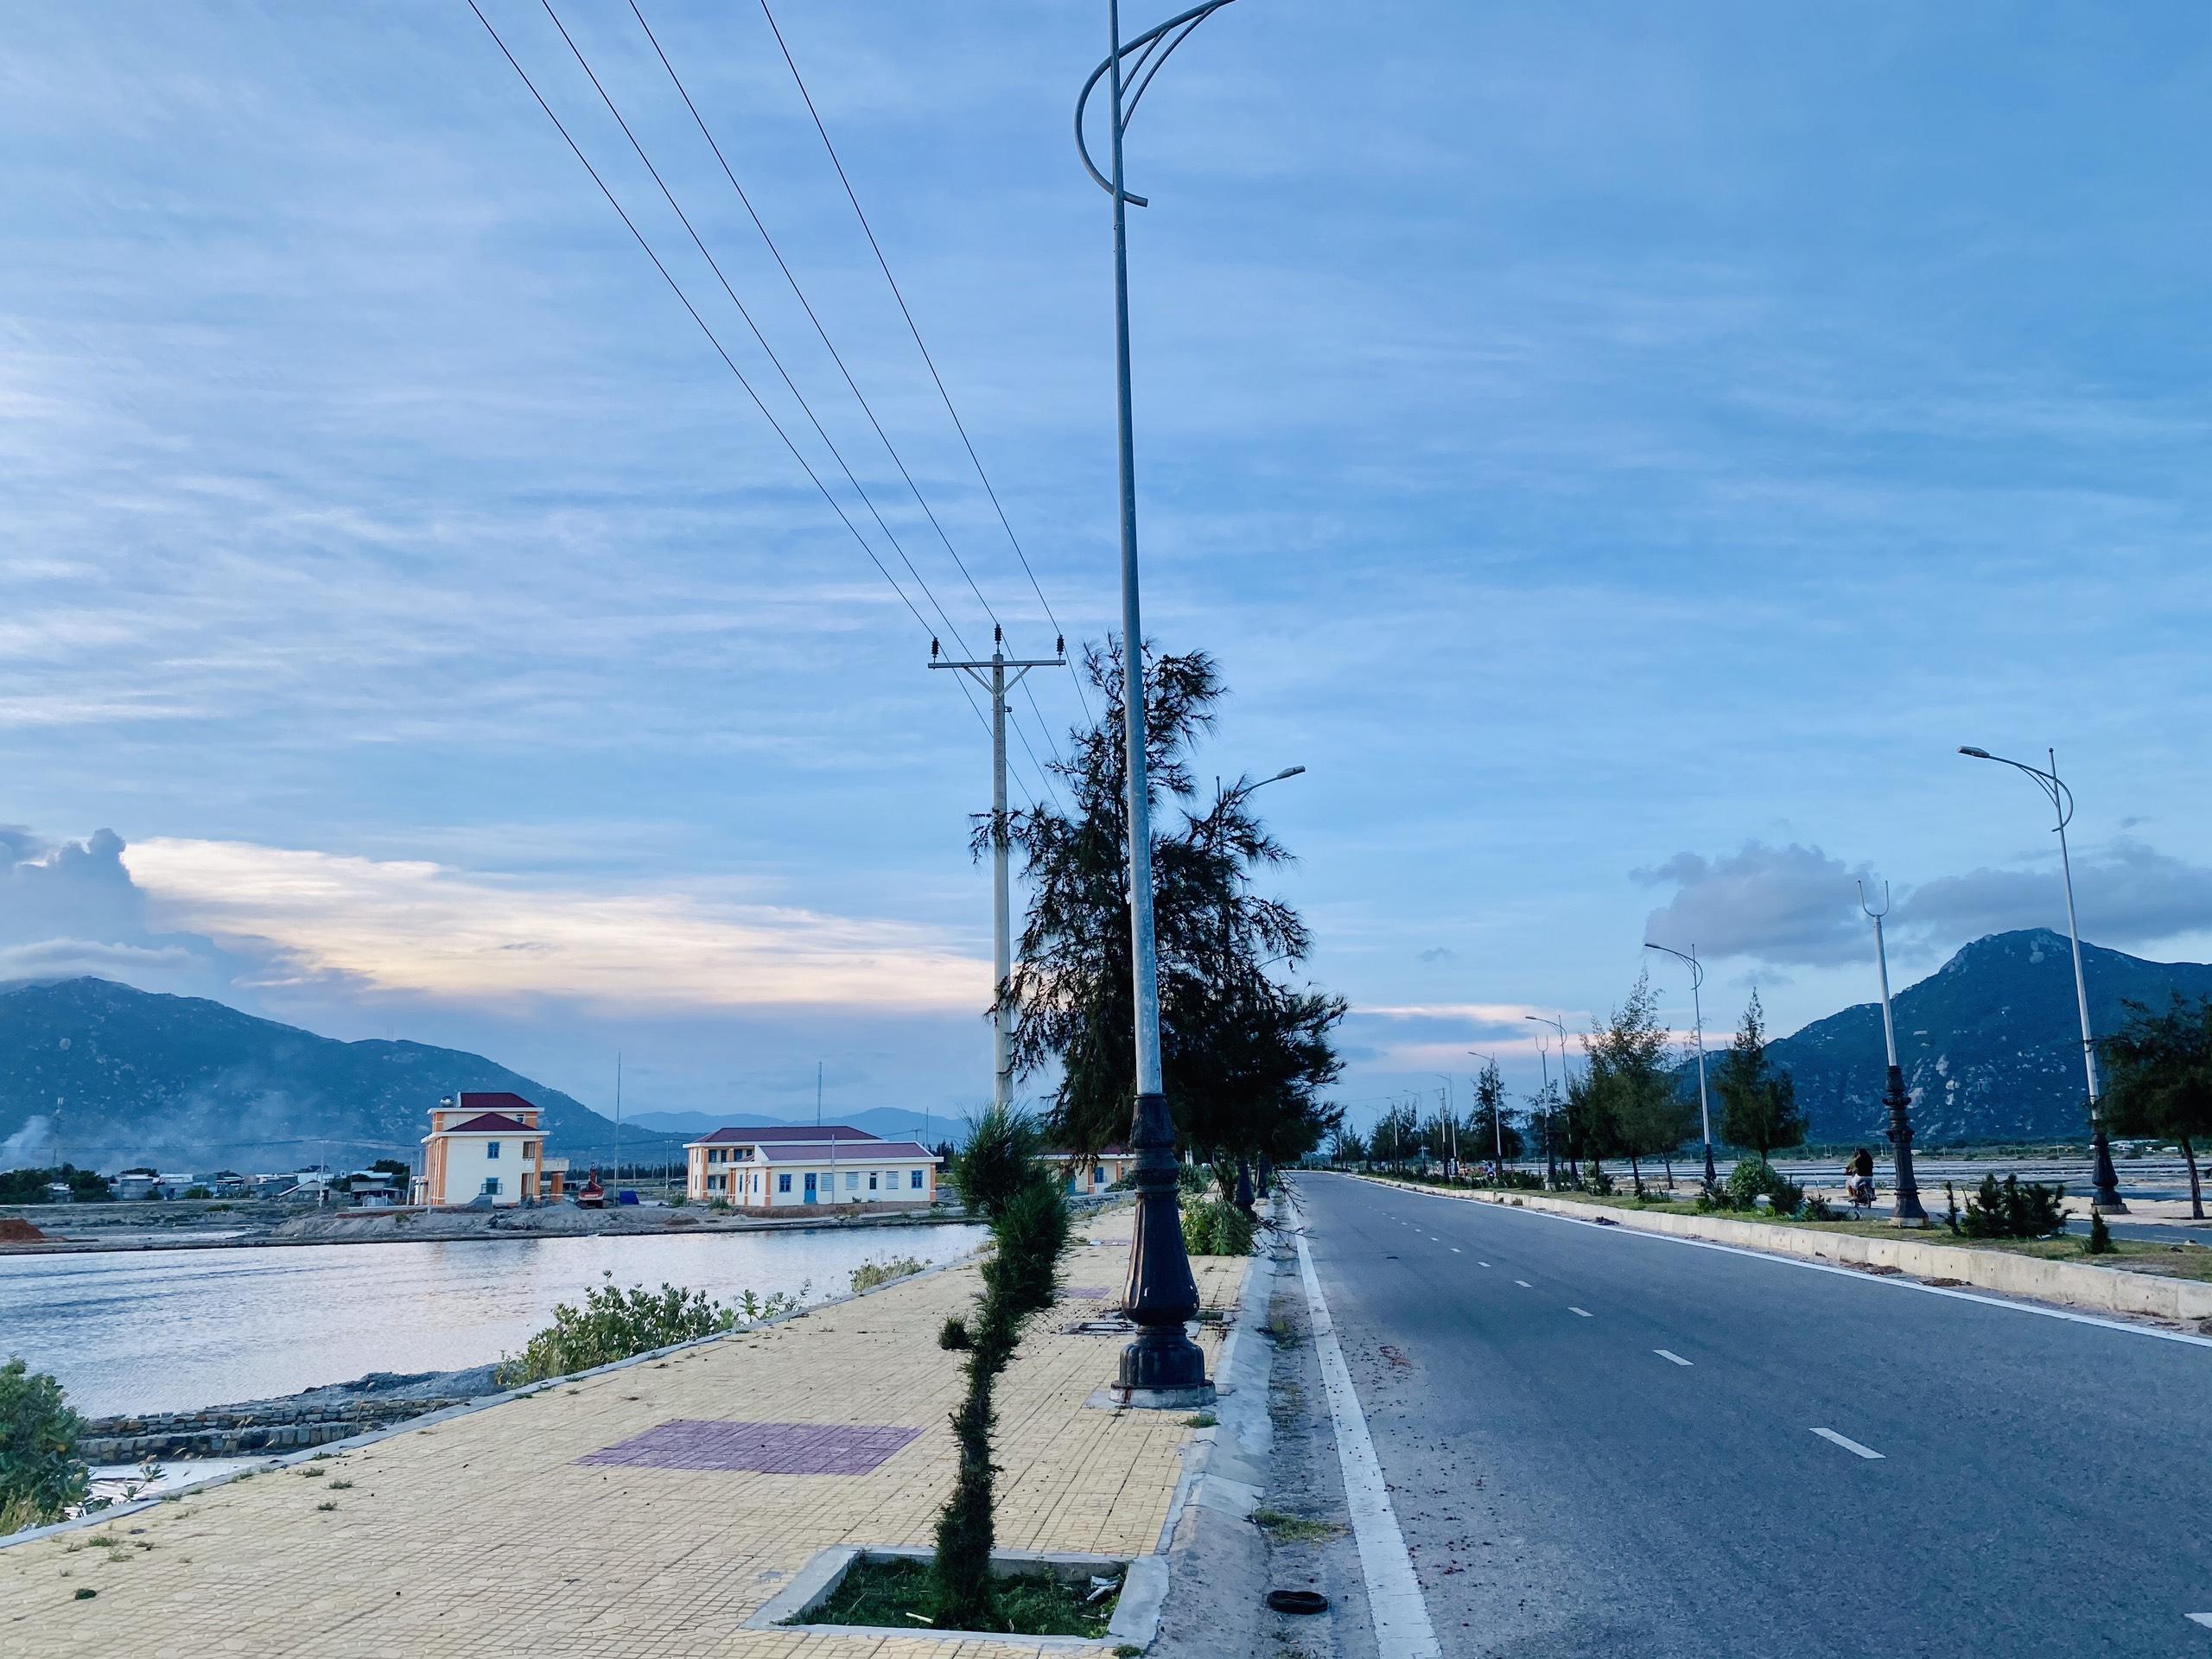 Đất nền Cảng biển quốc tế Cà Ná – Ninh Thuận, LH: 0935. 985.369